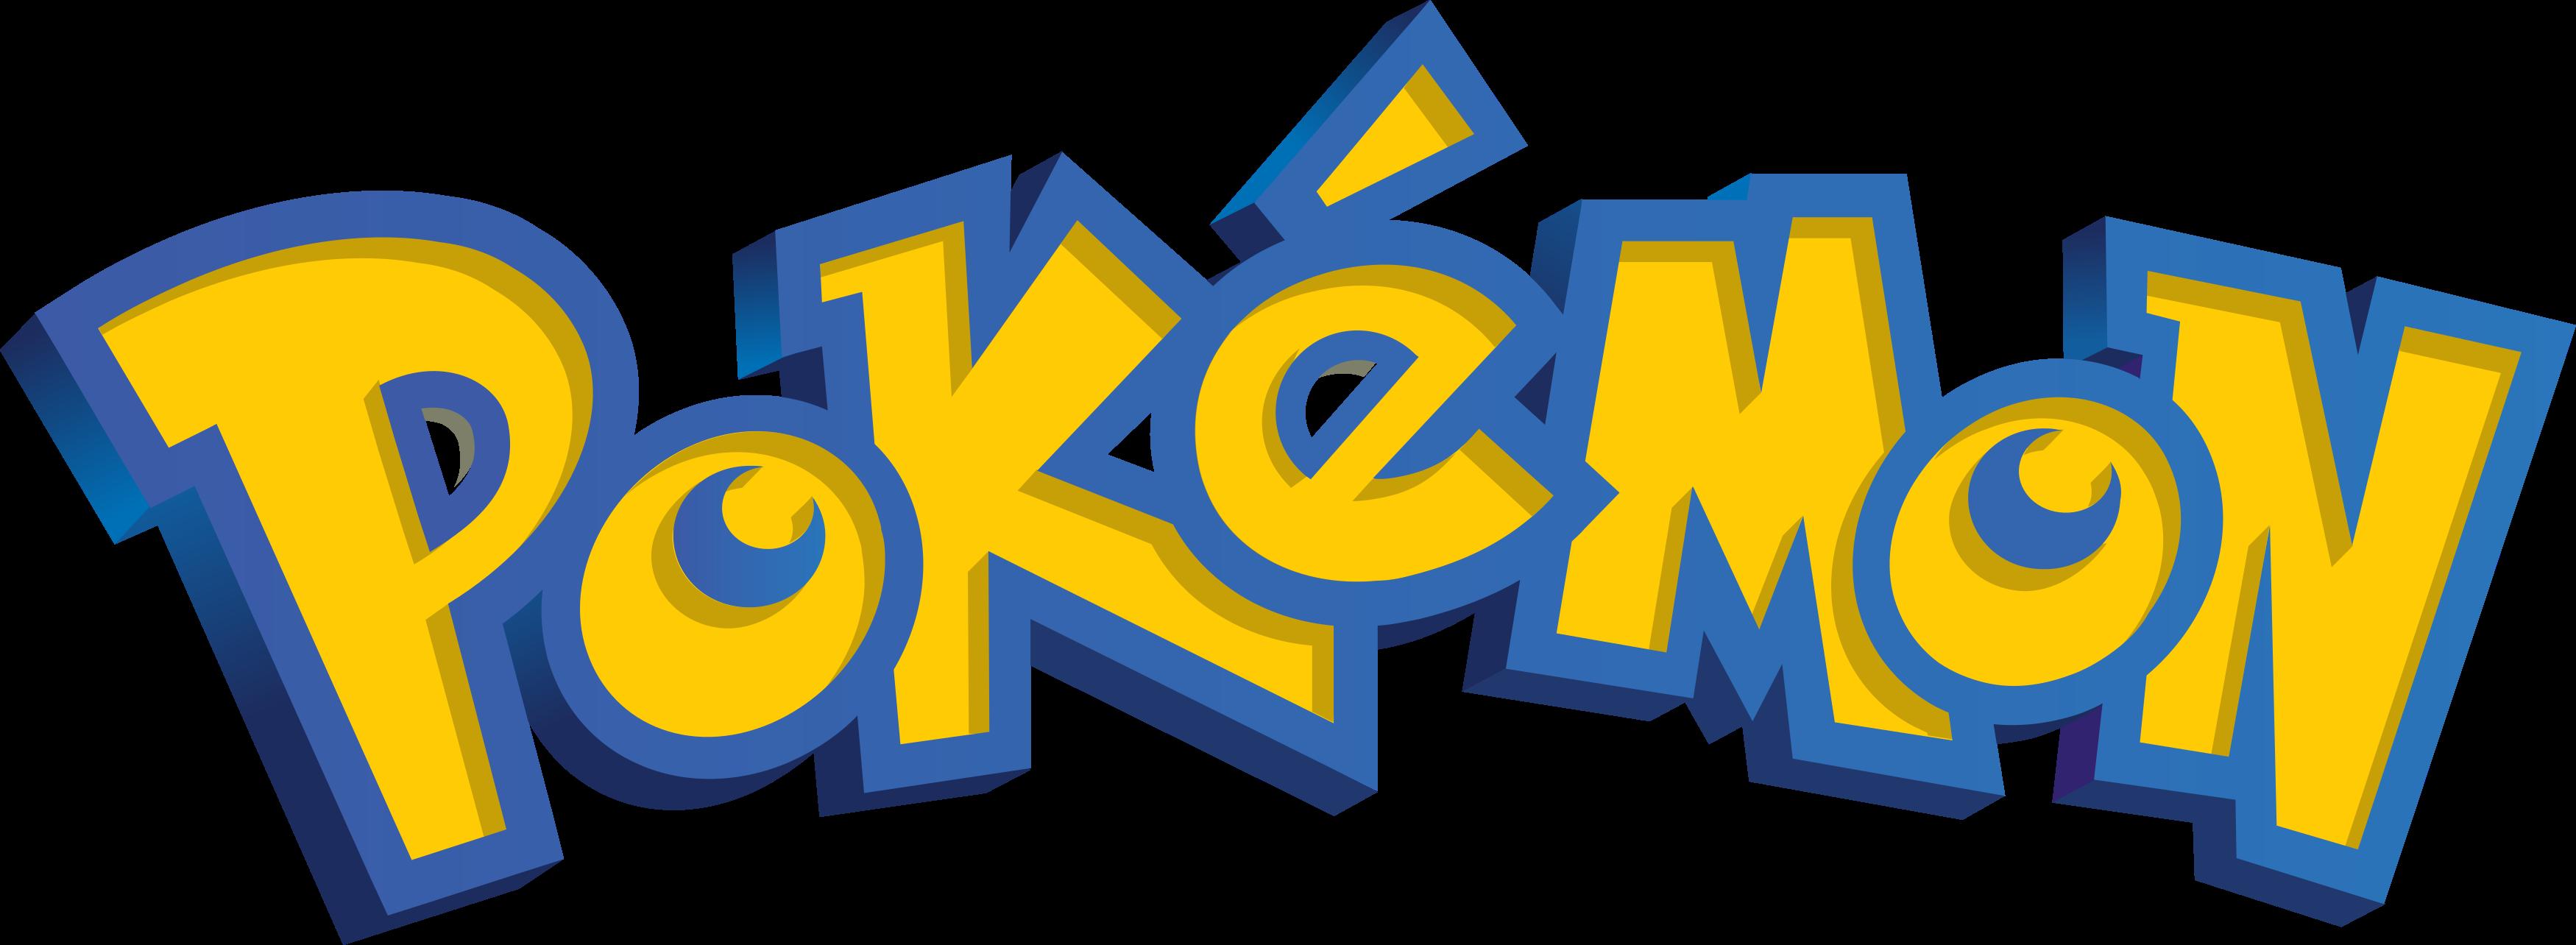 Pokemon Sol e Lua